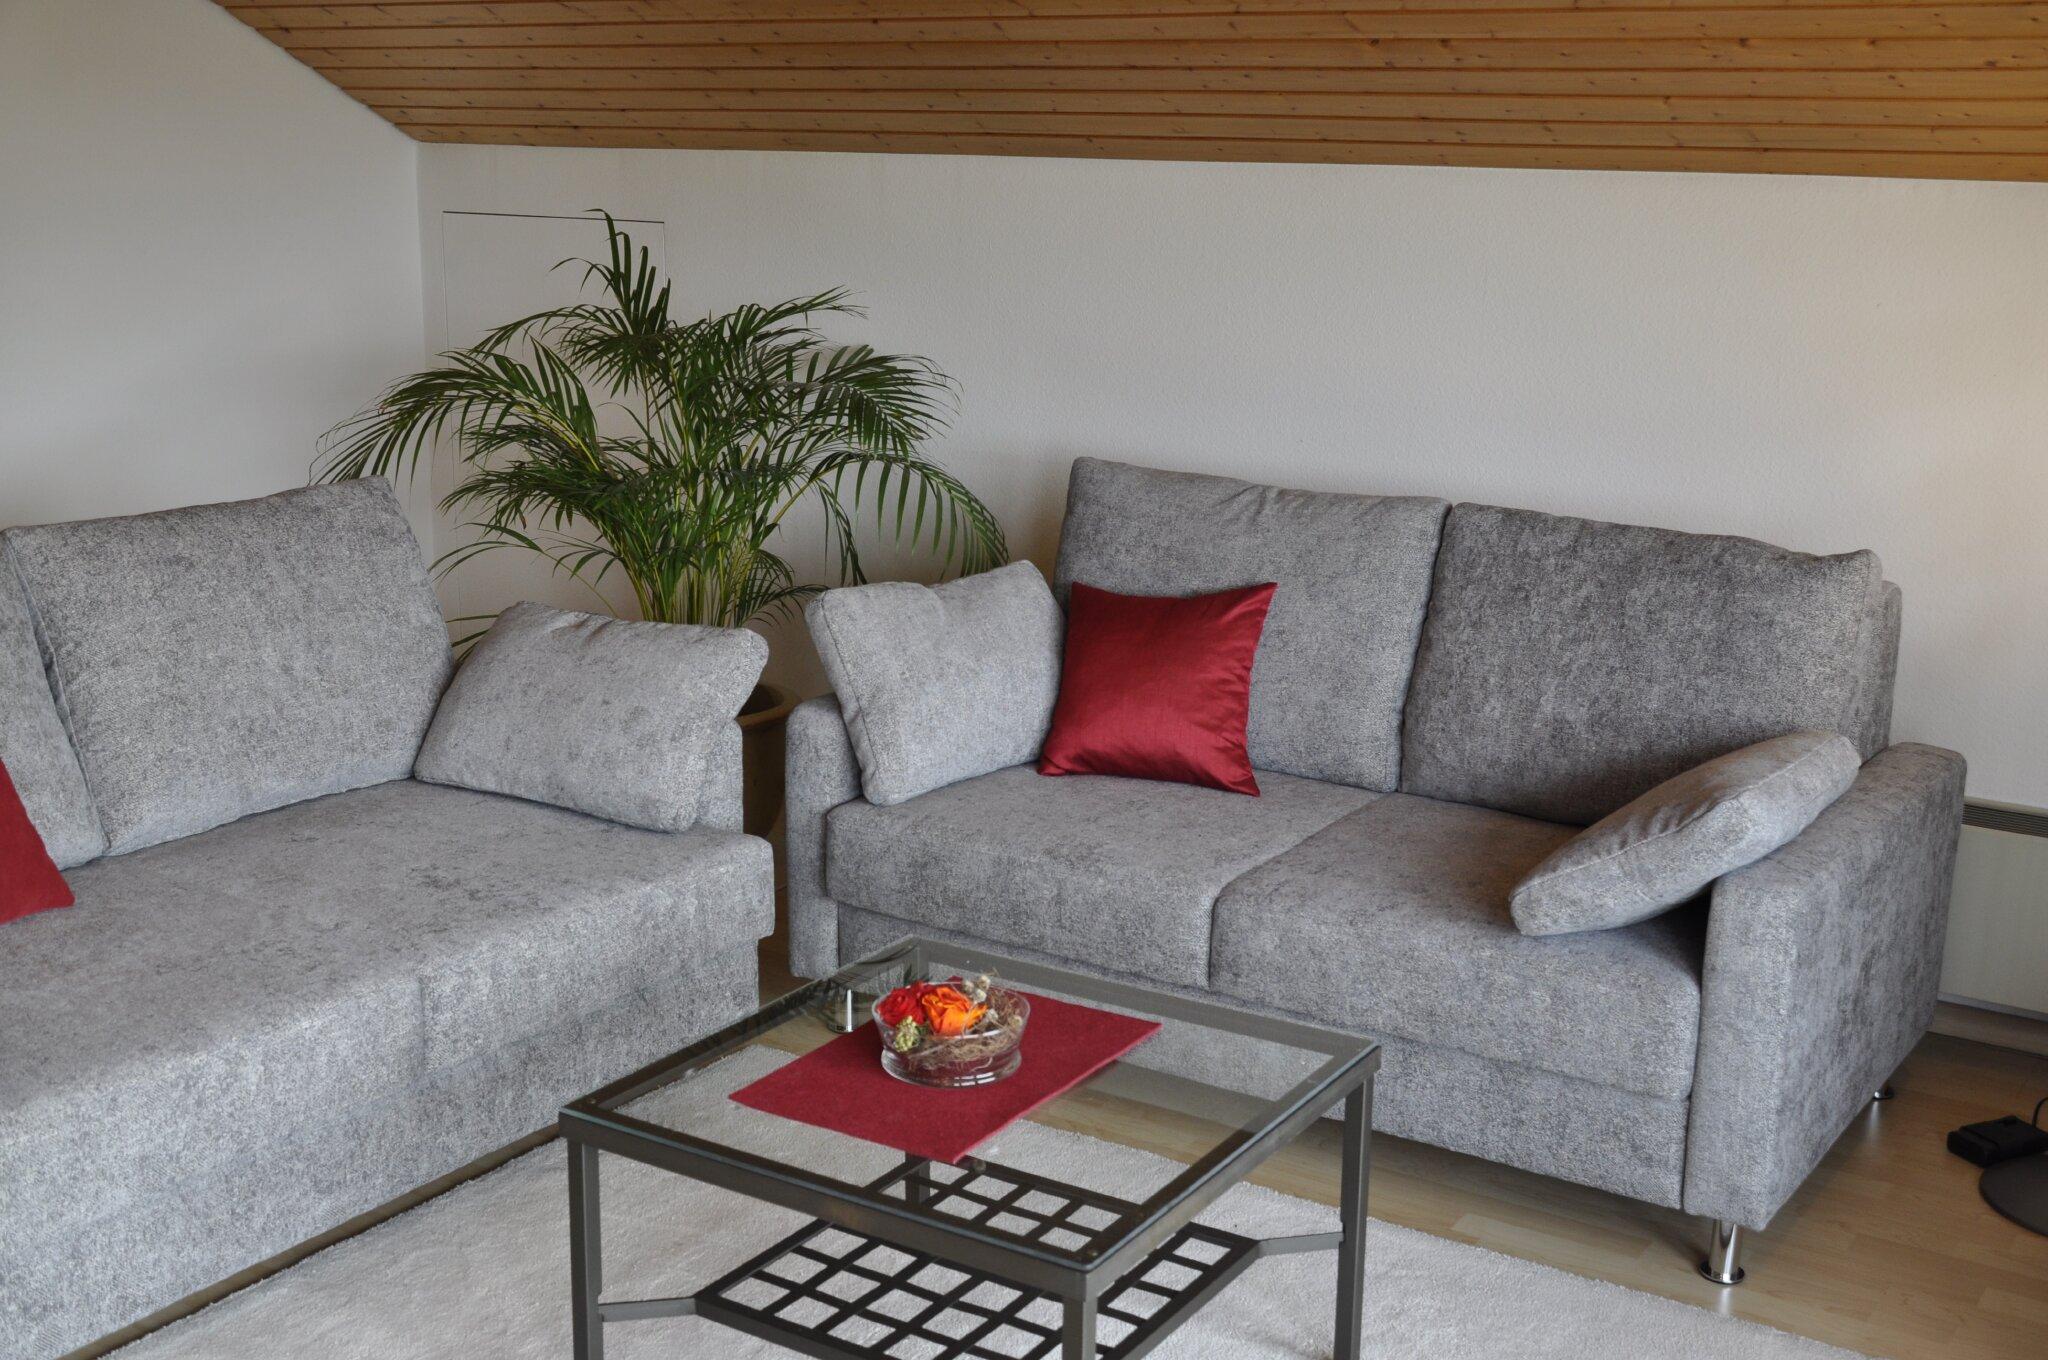 Doppelbett im großen Wohnzimmer